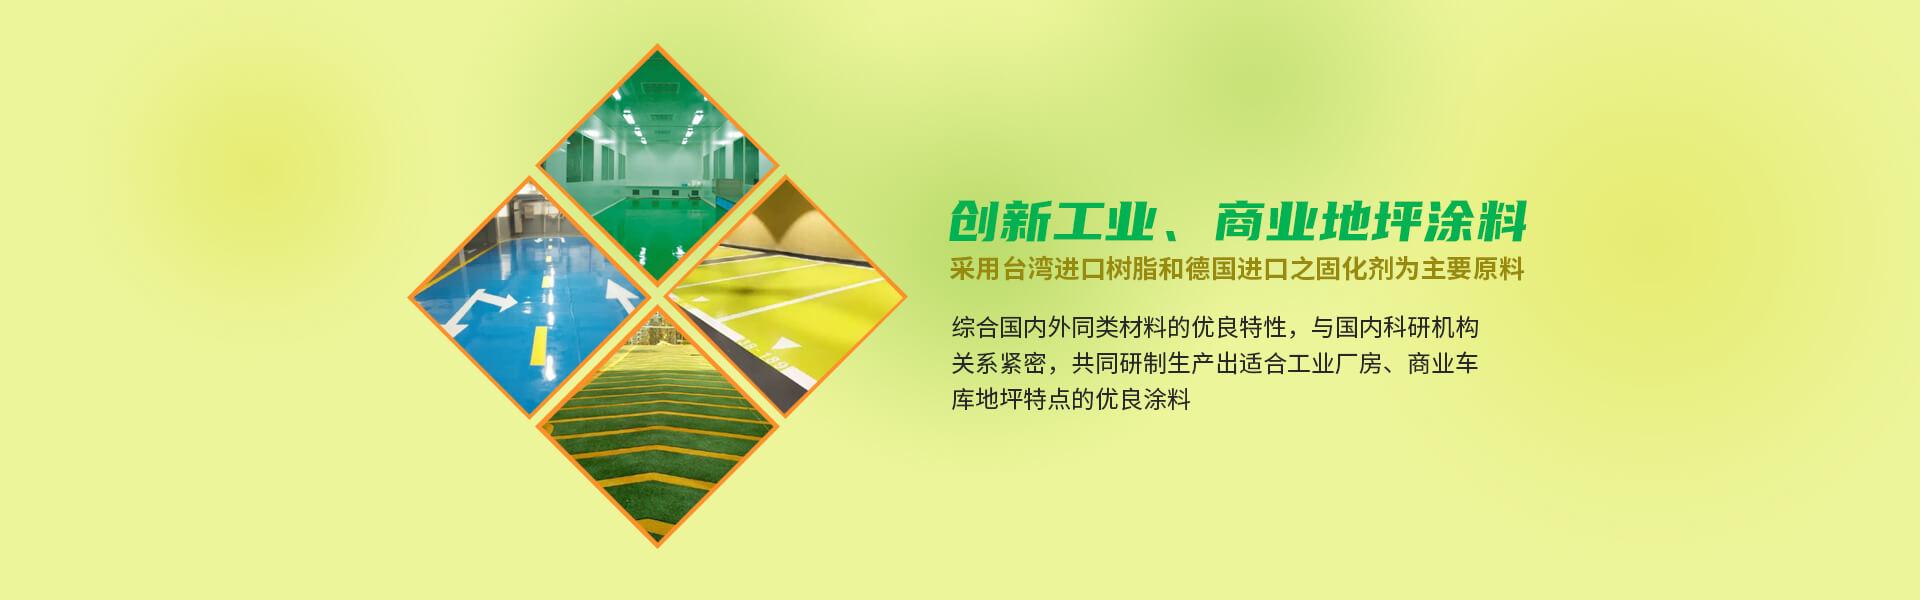 武汉彩色混凝土透水地坪